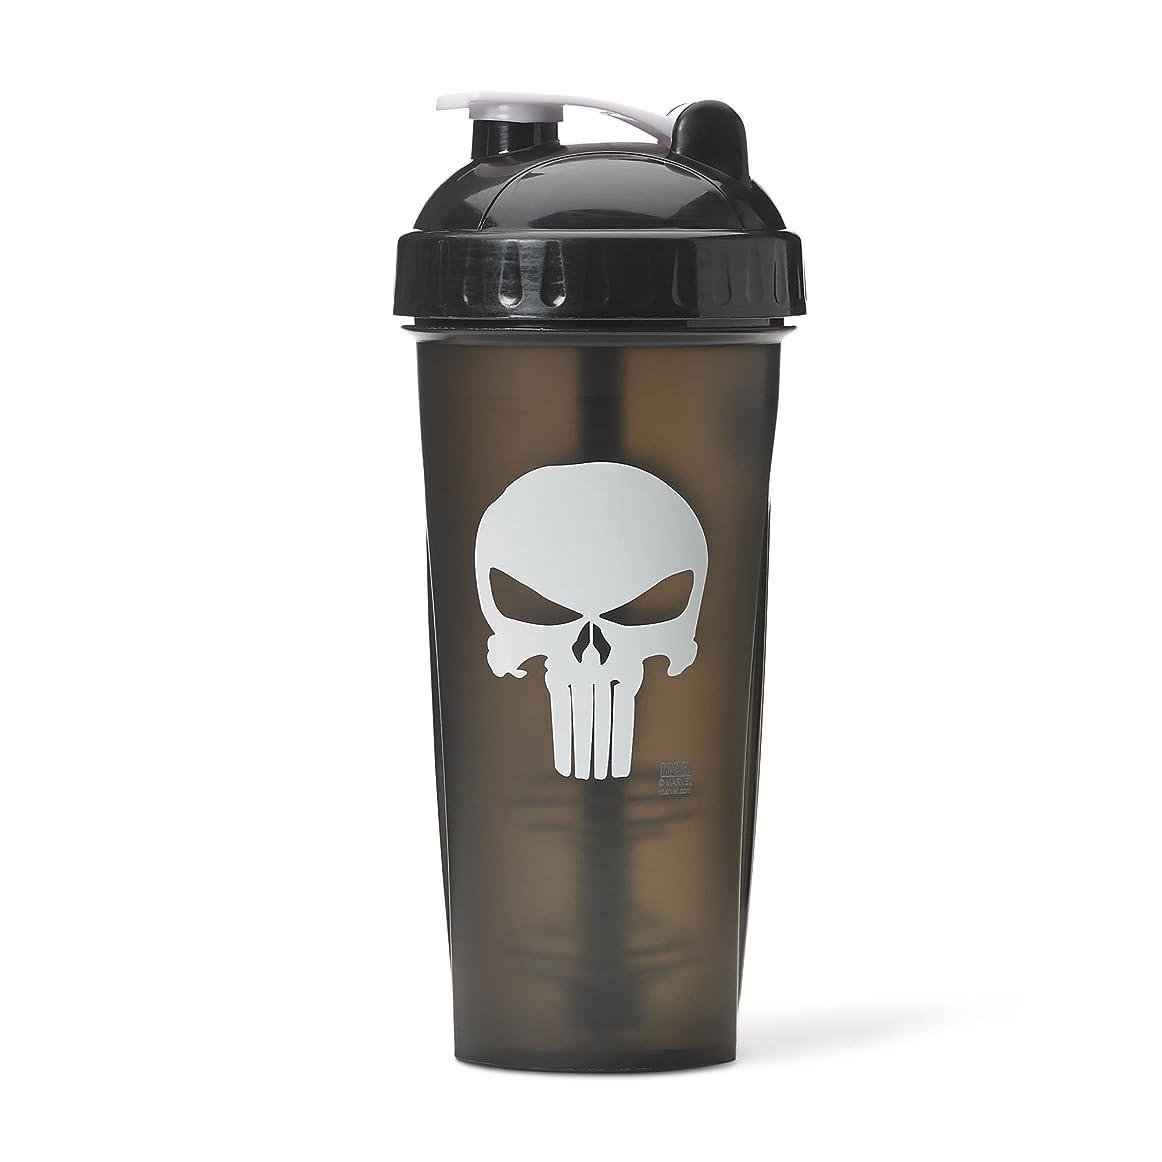 トン経過ドールPerforma Marvel Shaker - Original Series, Leak Free Protein Shaker Bottle with Actionrod Mixing Technology for All Your Protein Needs! Shatter Resistant & Dishwasher Safe (The Punisher) 141[並行輸入]